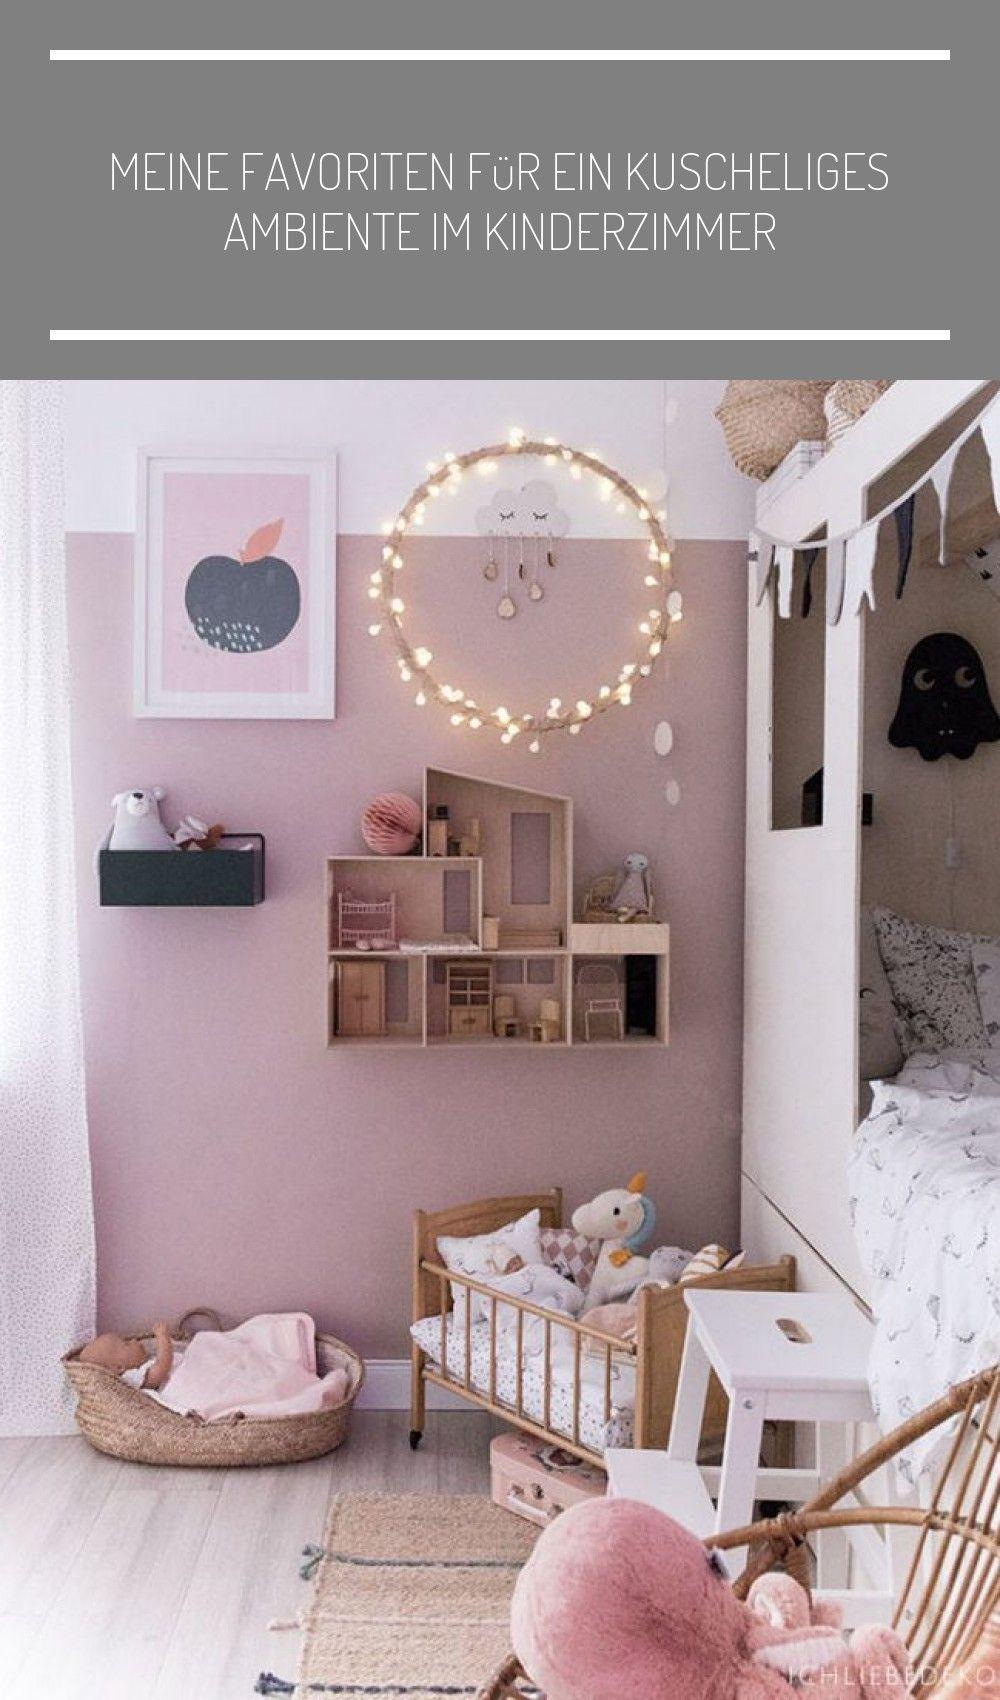 Maedchenzimmer Mit Kojenbett Und Wand Altrosa Babyzimmer Wandgestaltung Wickelkommode Meine Favoriten Fur Ein Kuscheliges Baby Room Decor Girl Room Kids Bedroom